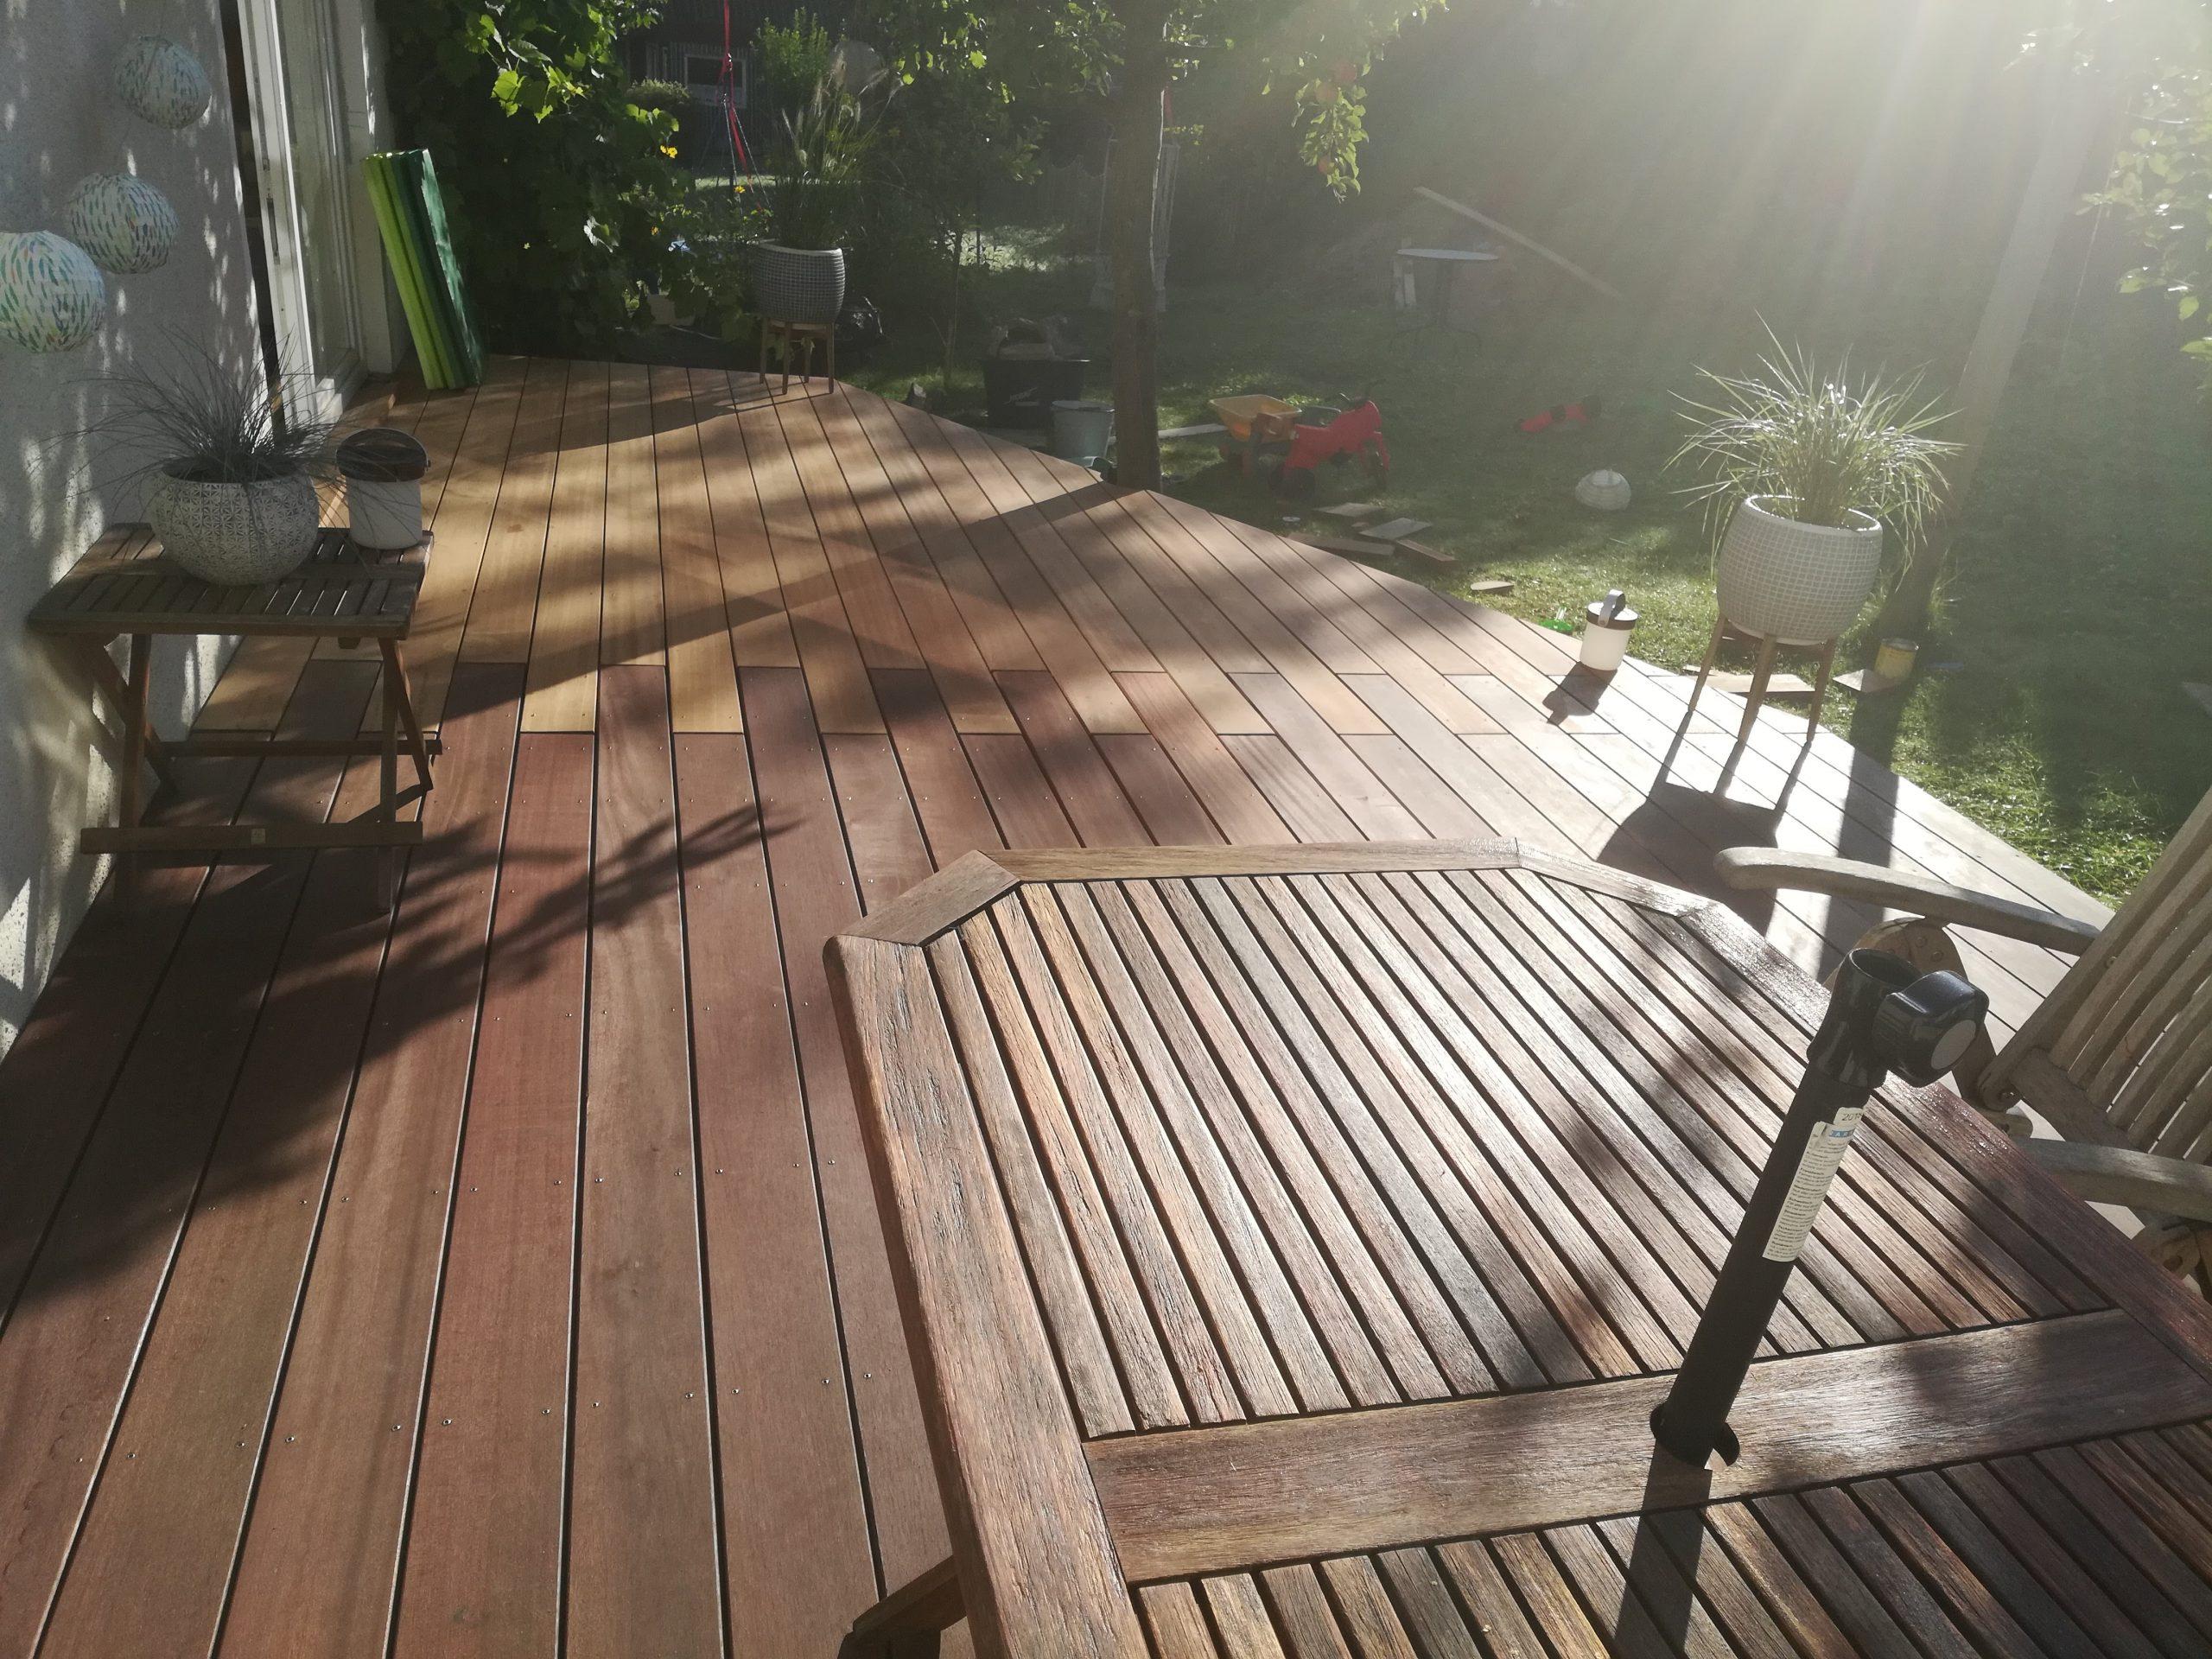 Terrassenbau Kiel - Wir bauen Ihre Traumterrasse